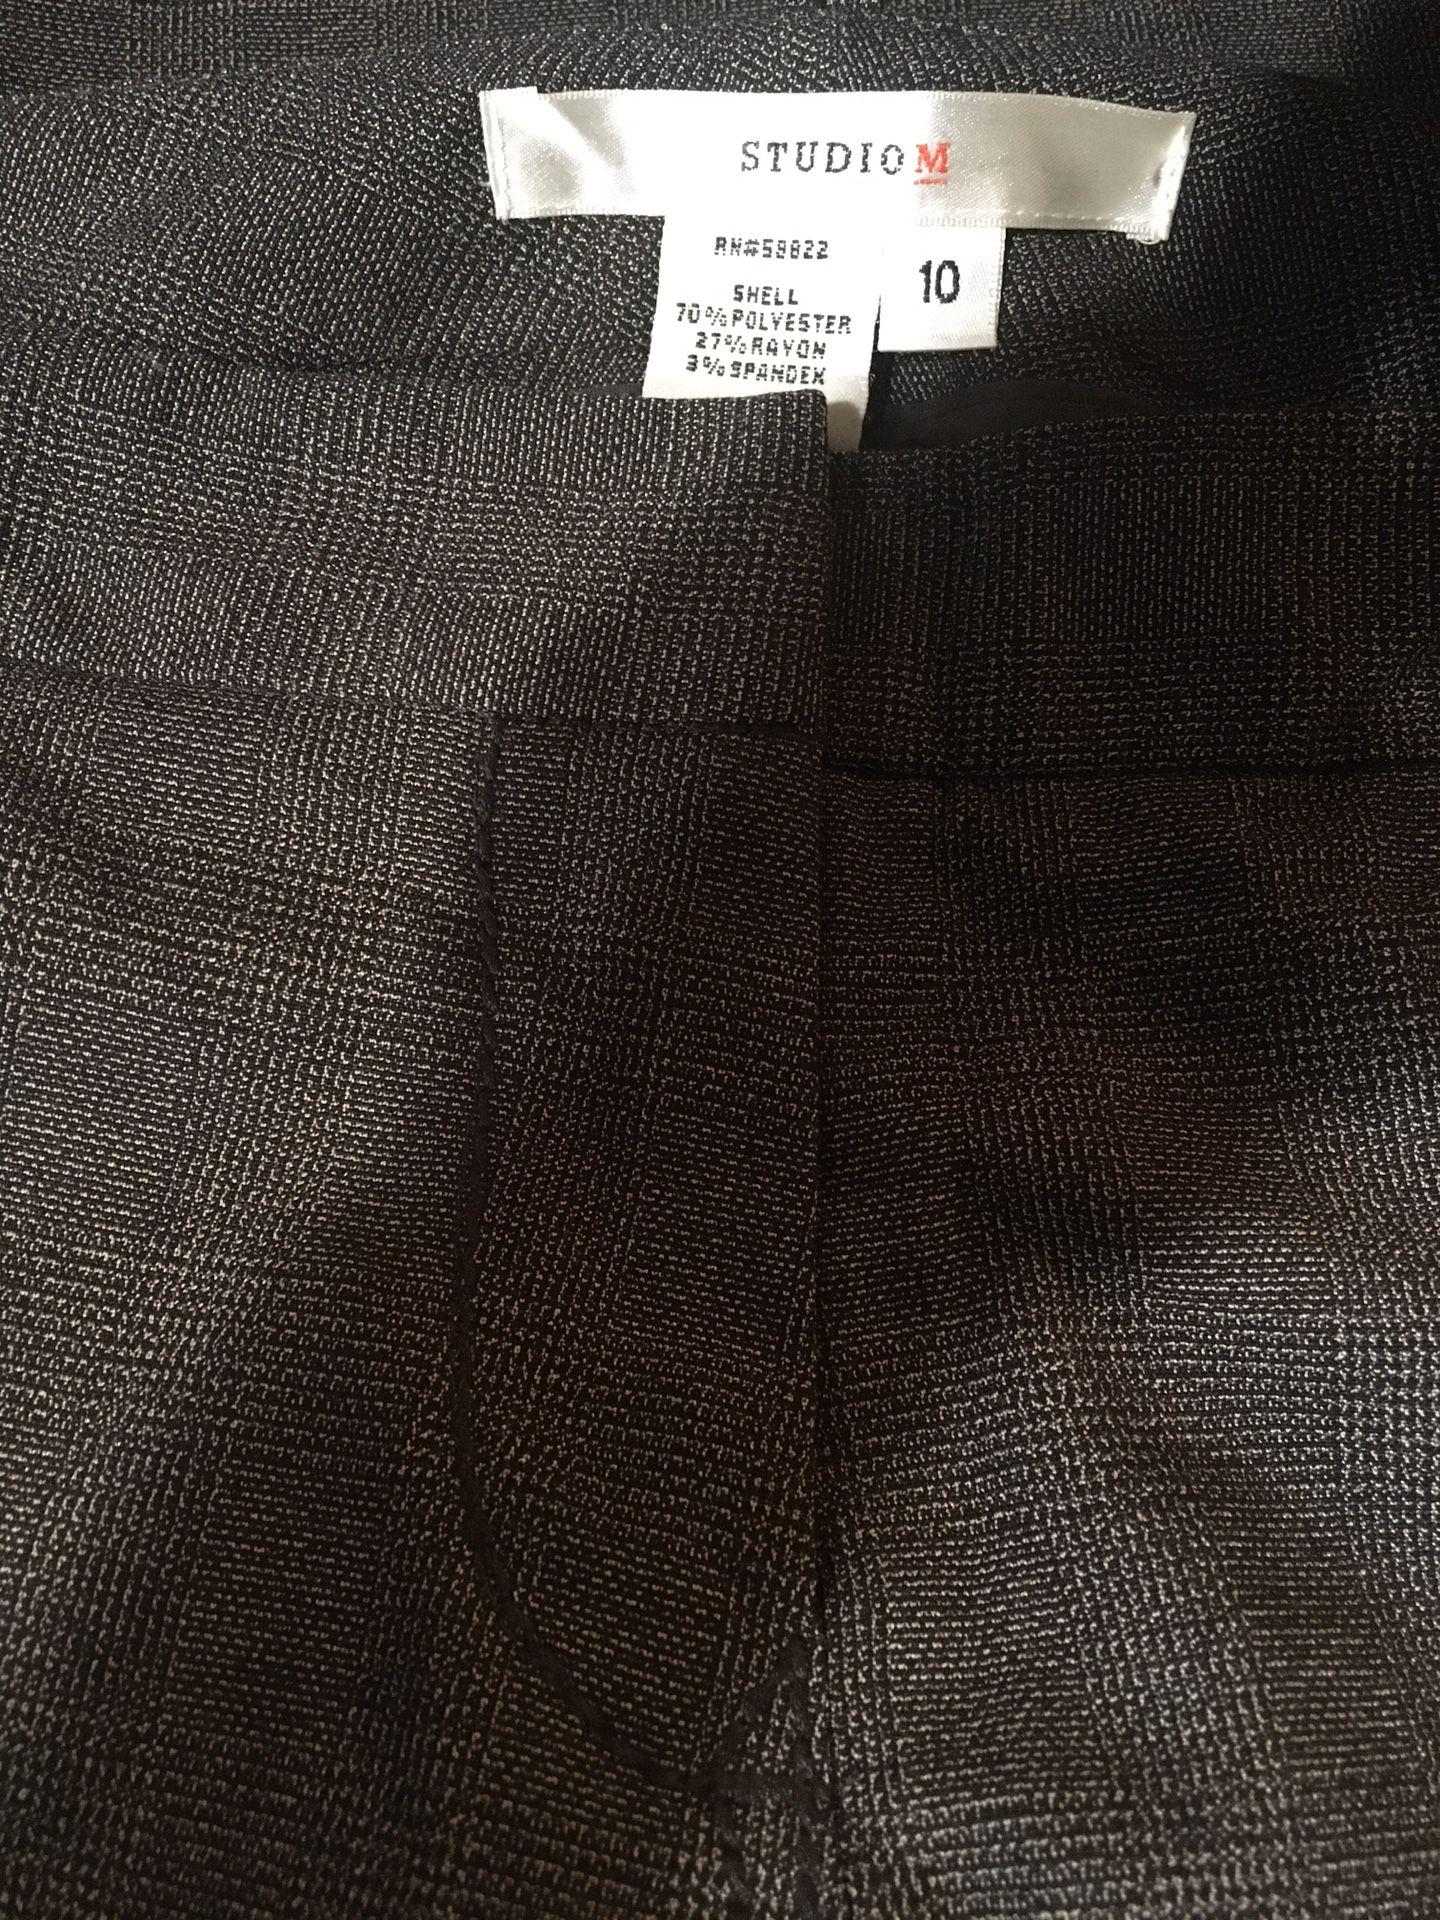 Studio M Women's dress pants size 10